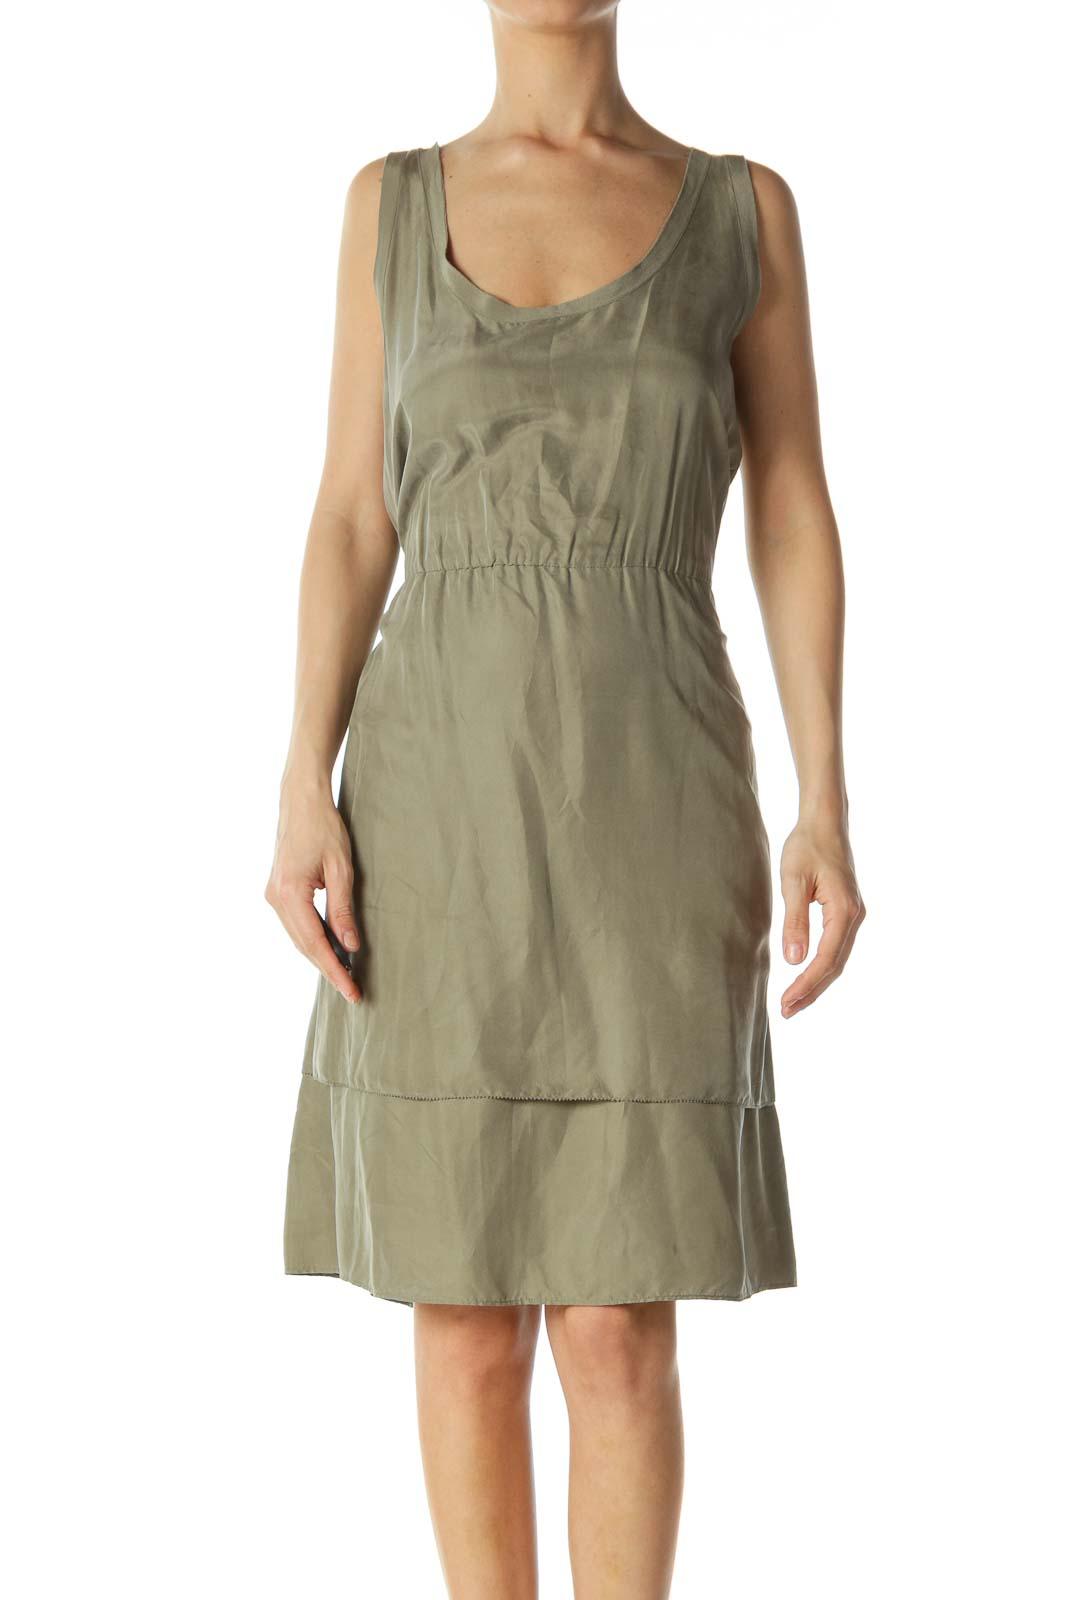 Olive Green Scrunched Waistline Light Flared Dress